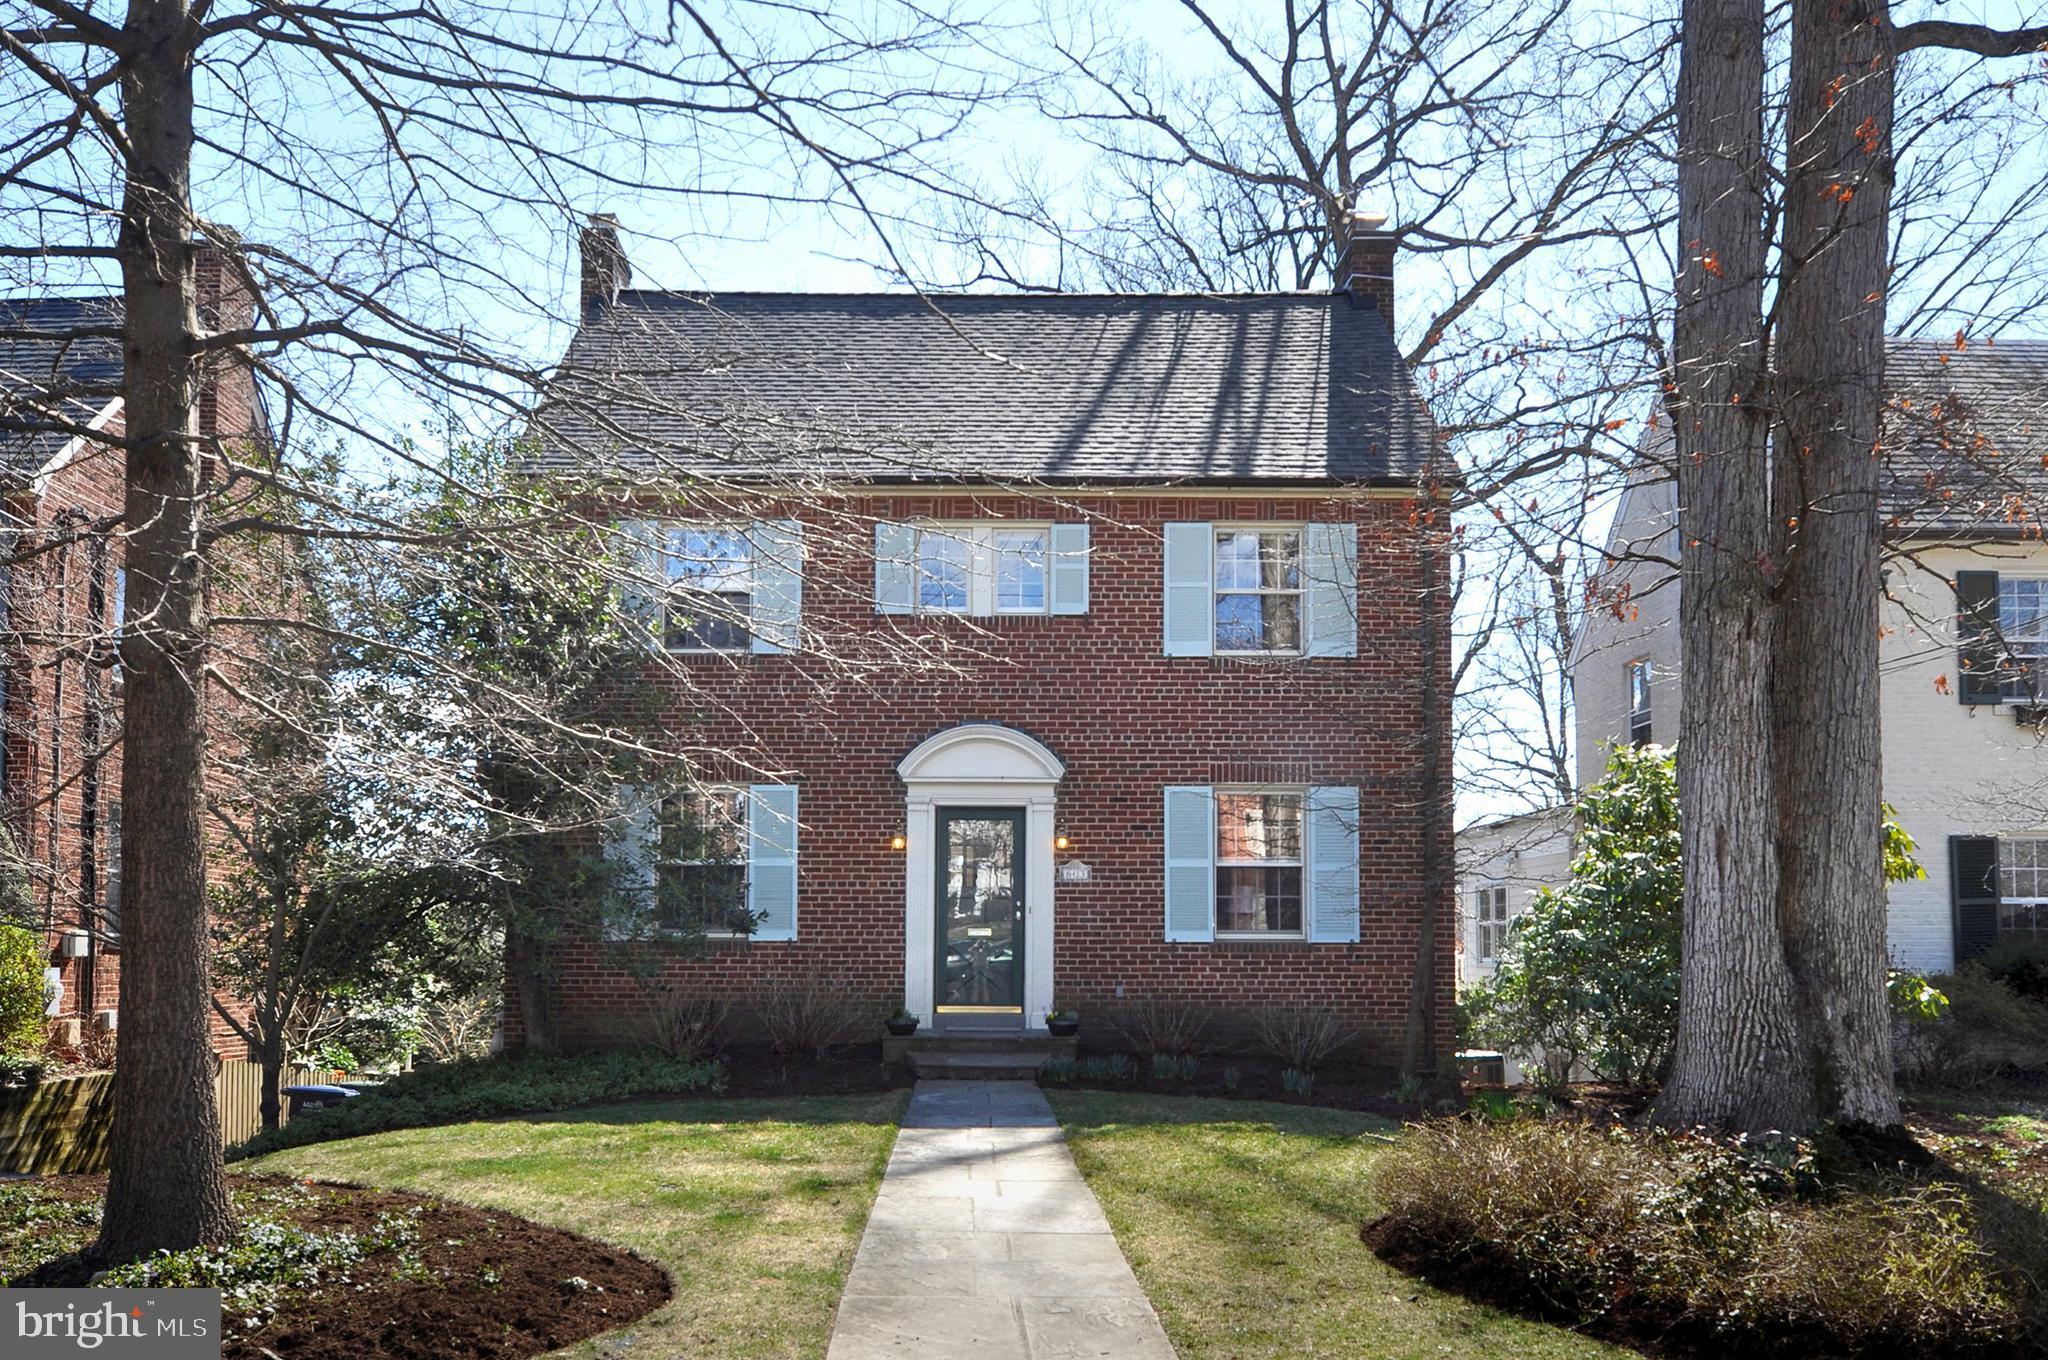 6413 31ST PLACE NW, WASHINGTON, DC 20015